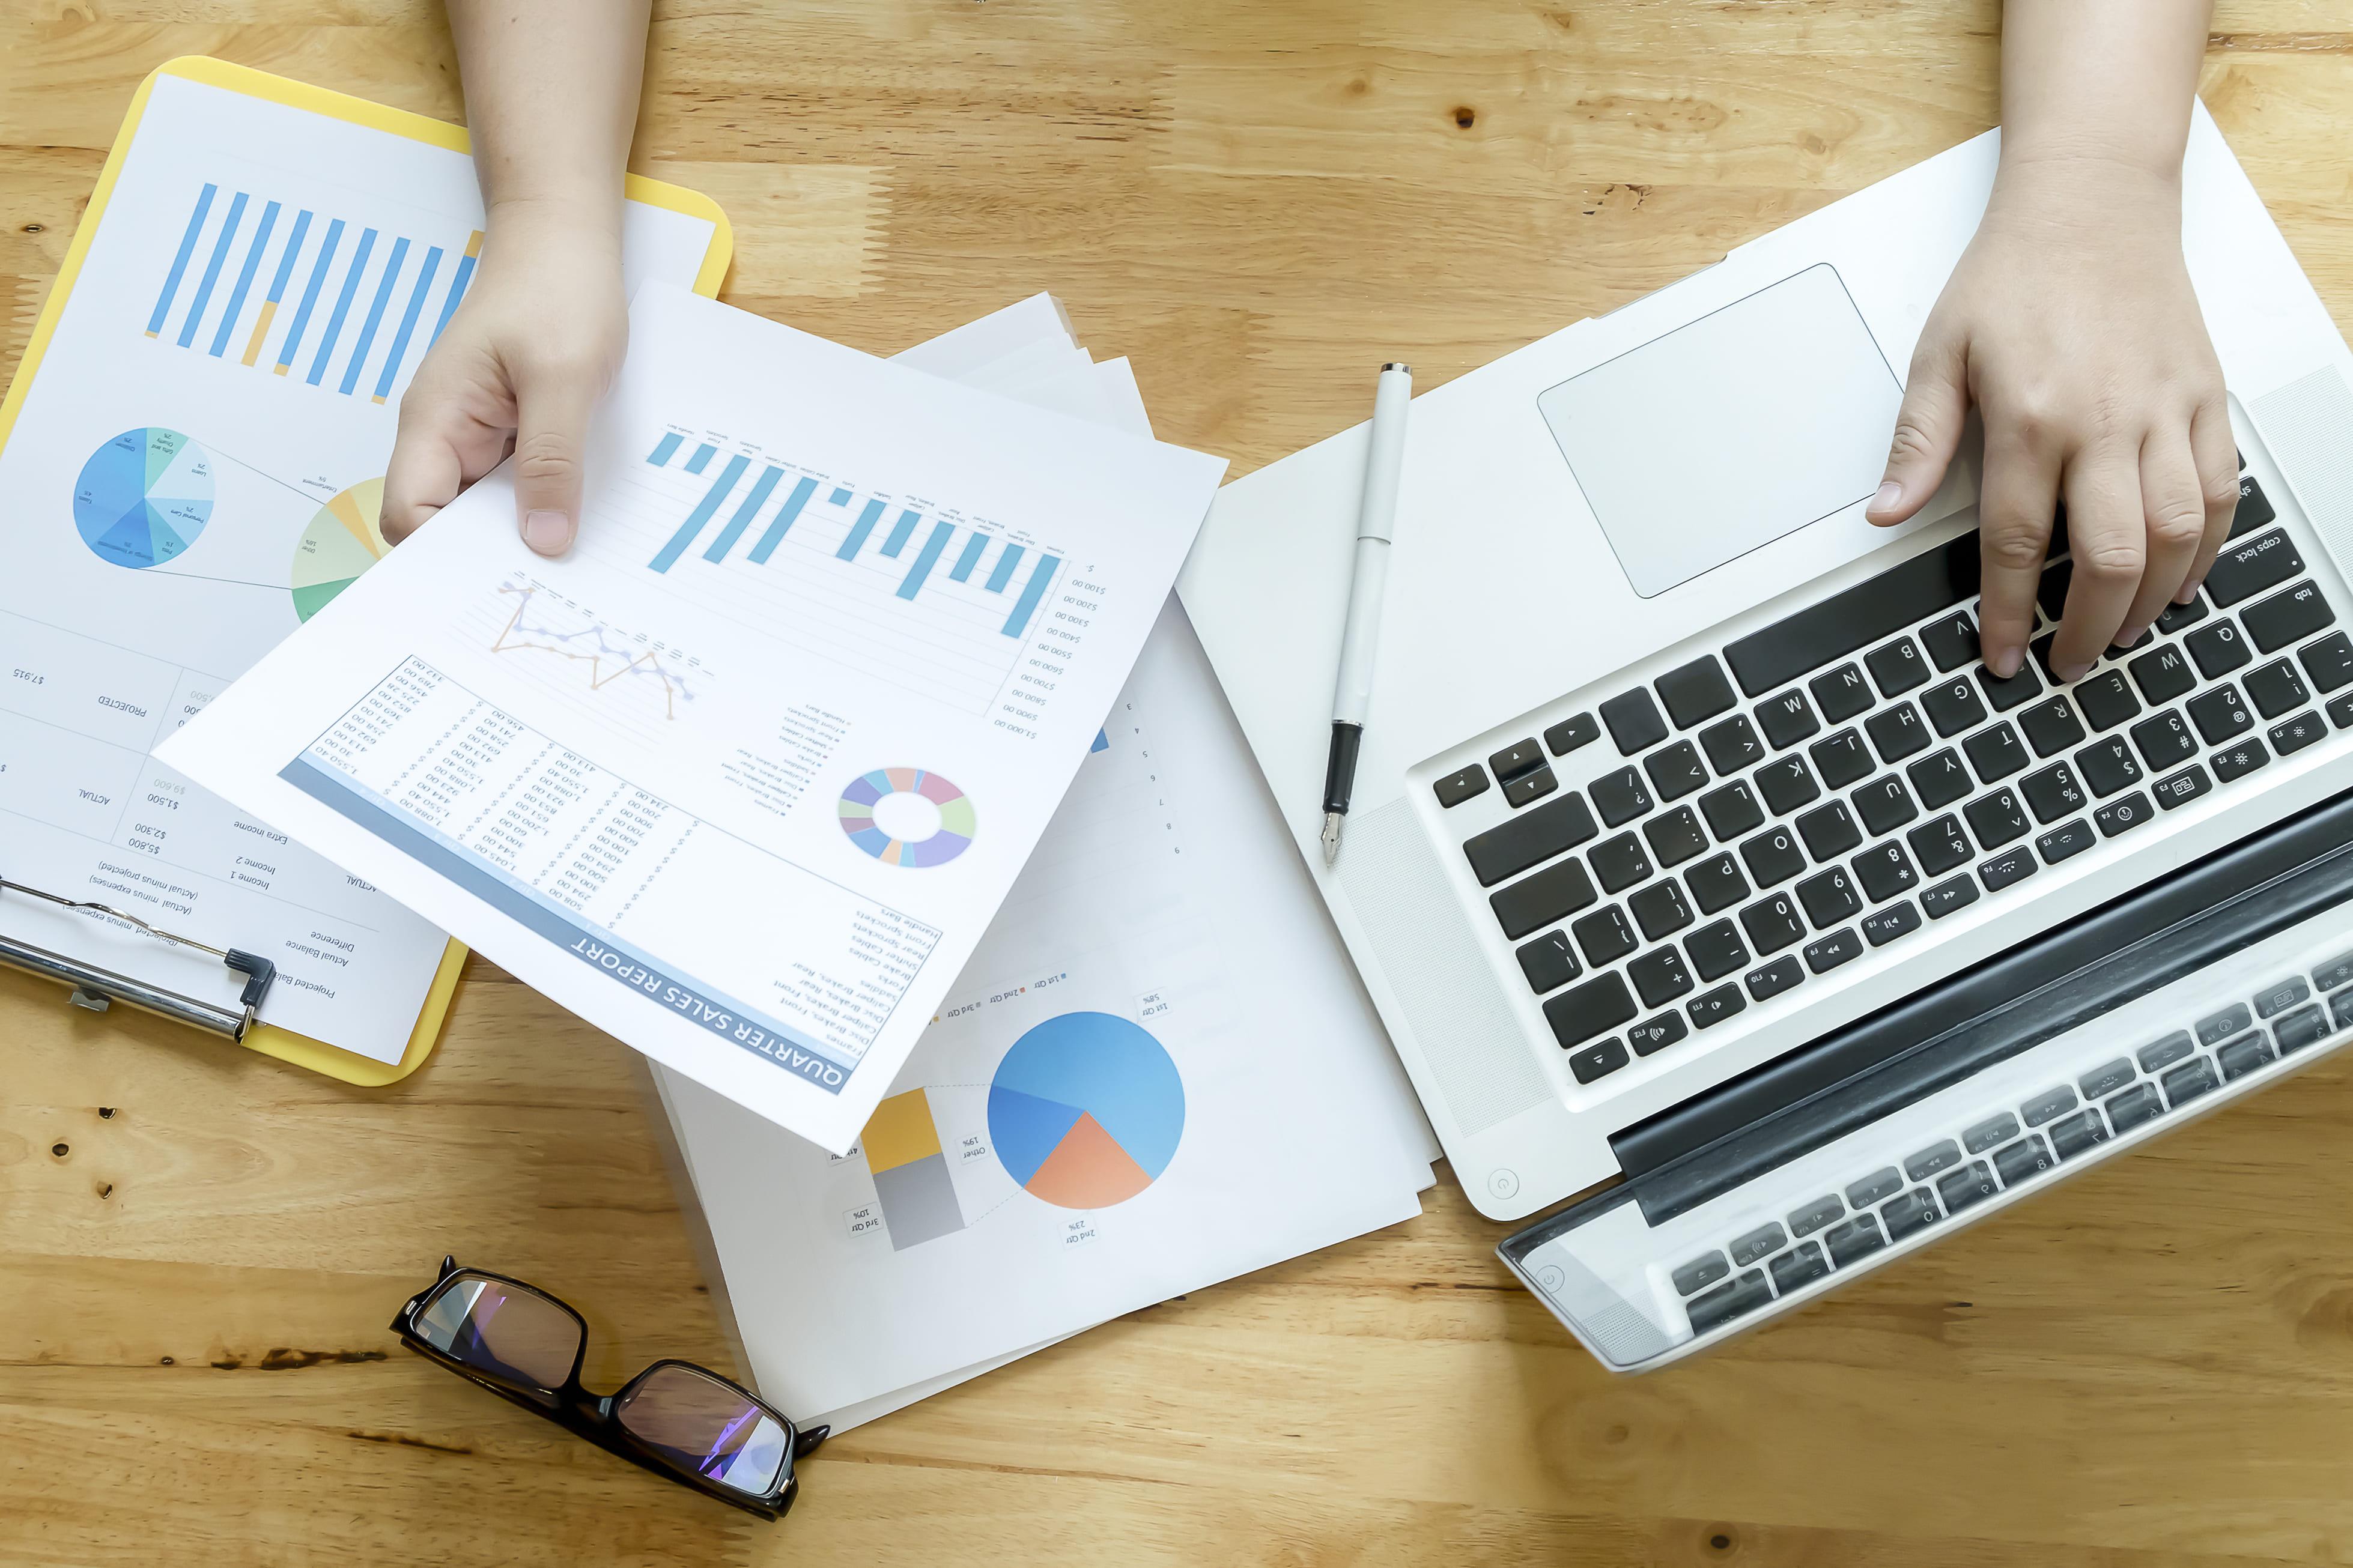 Gestão financeira: 5 dicas para controle de custos e despesas